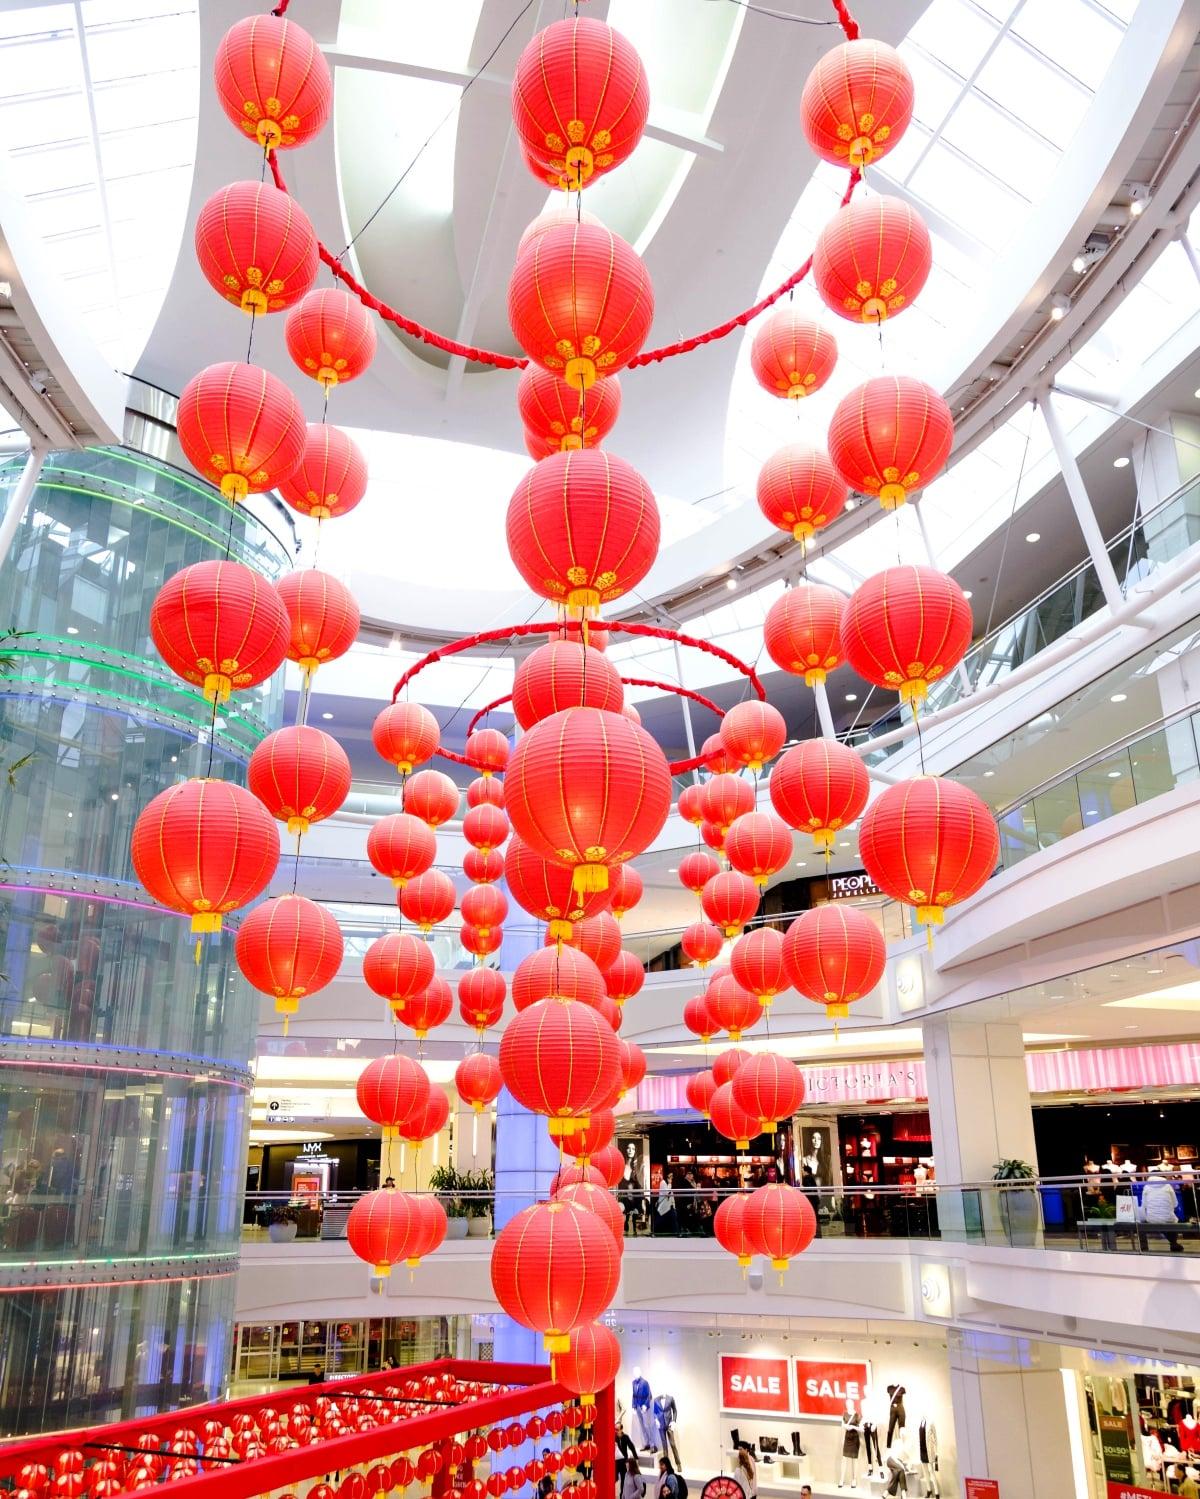 lunar new year metropolis at metrotown